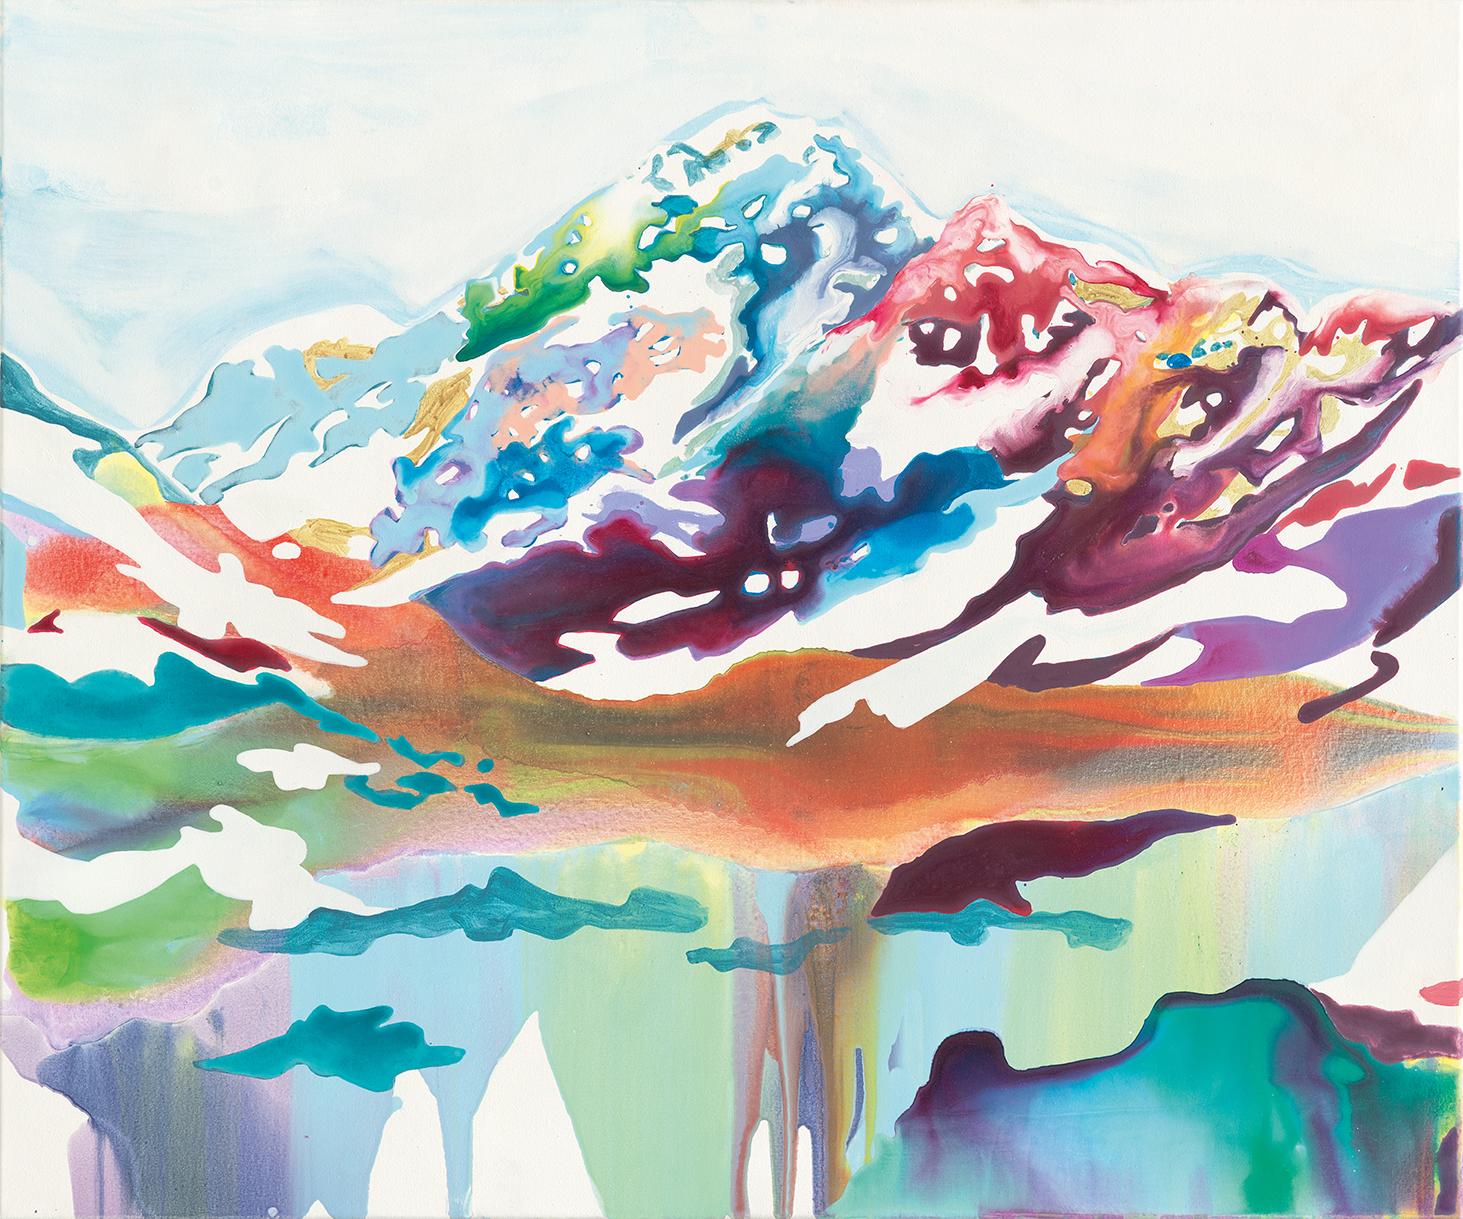 Eine andere Welt  |2016 |Tusche, Acryl auf Leinwand | 100 x 120 cm